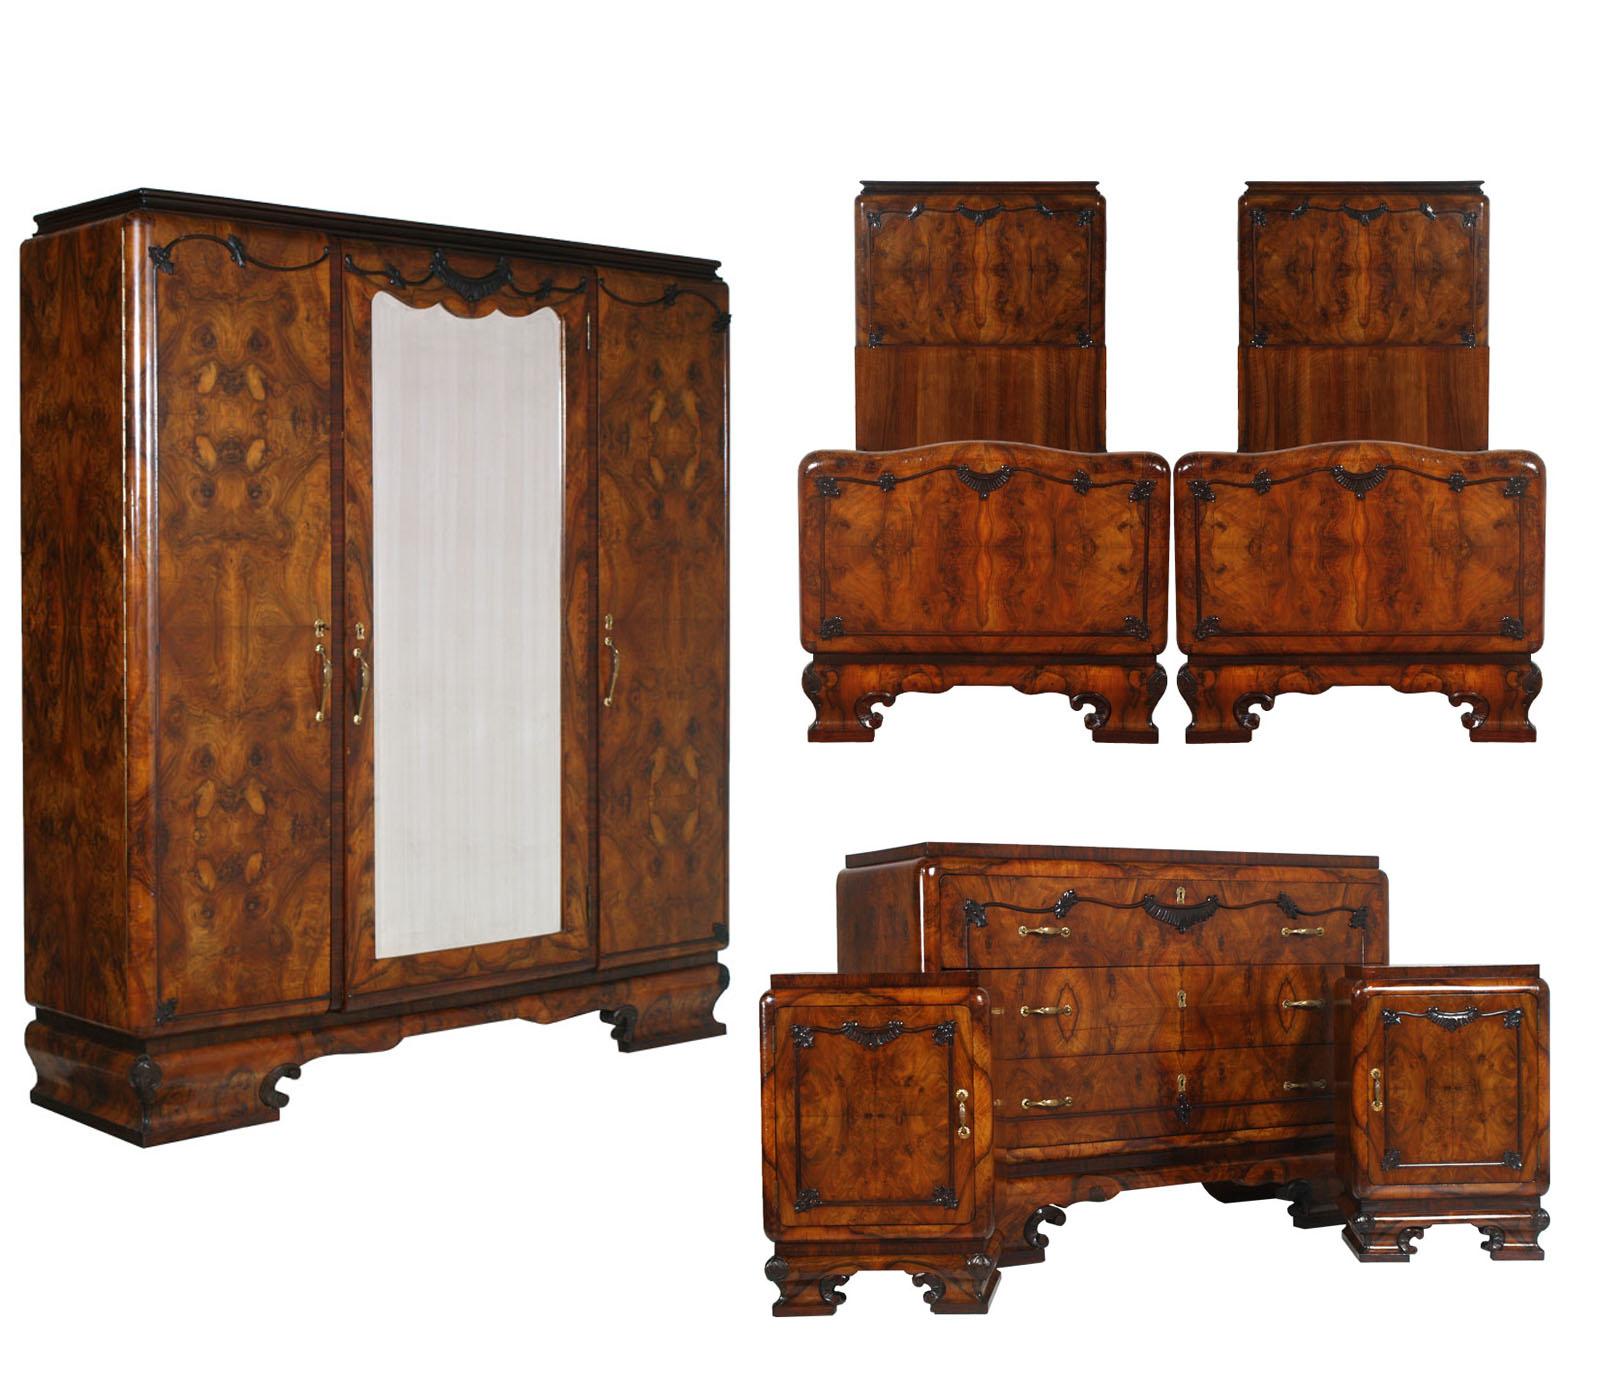 1930s antique art deco bedroom burl walnut camera da letto radica noce ma h73 ebay - Camera da letto in noce ...